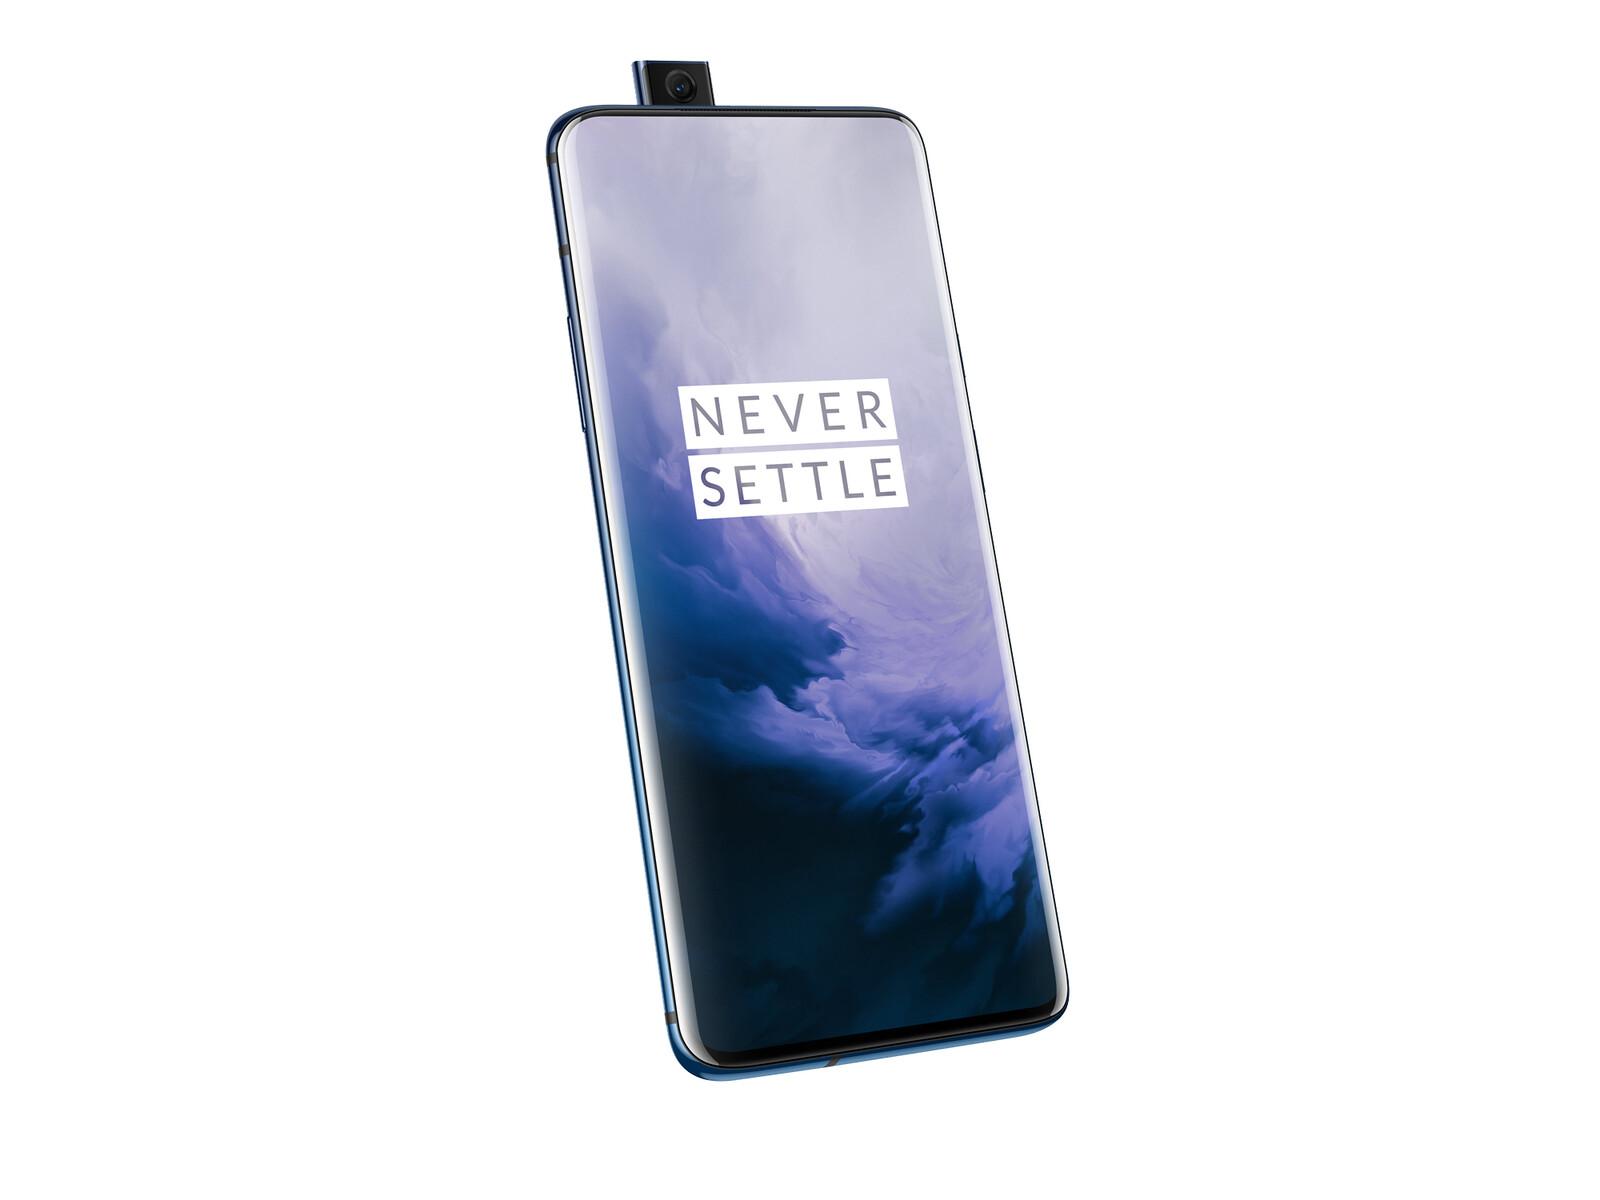 OnePlus 7 Pro - Notebookcheck net External Reviews